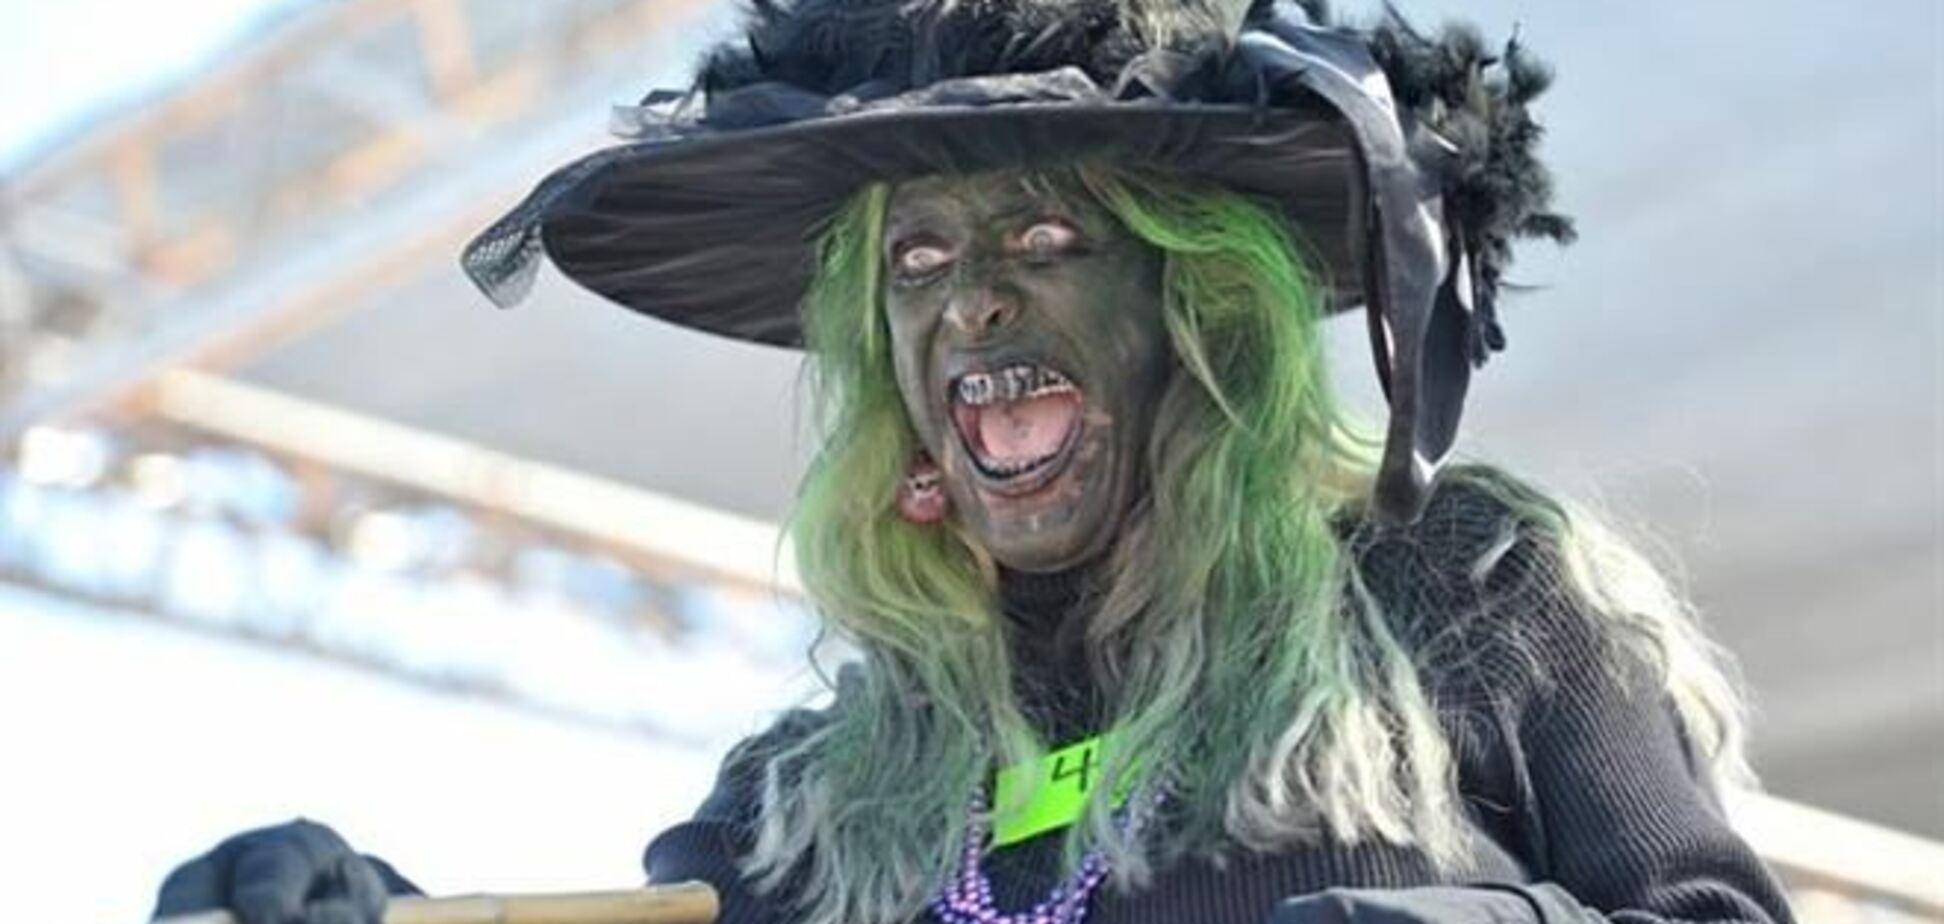 Британская полиция в шоке от нашествия ведьм и колдунов